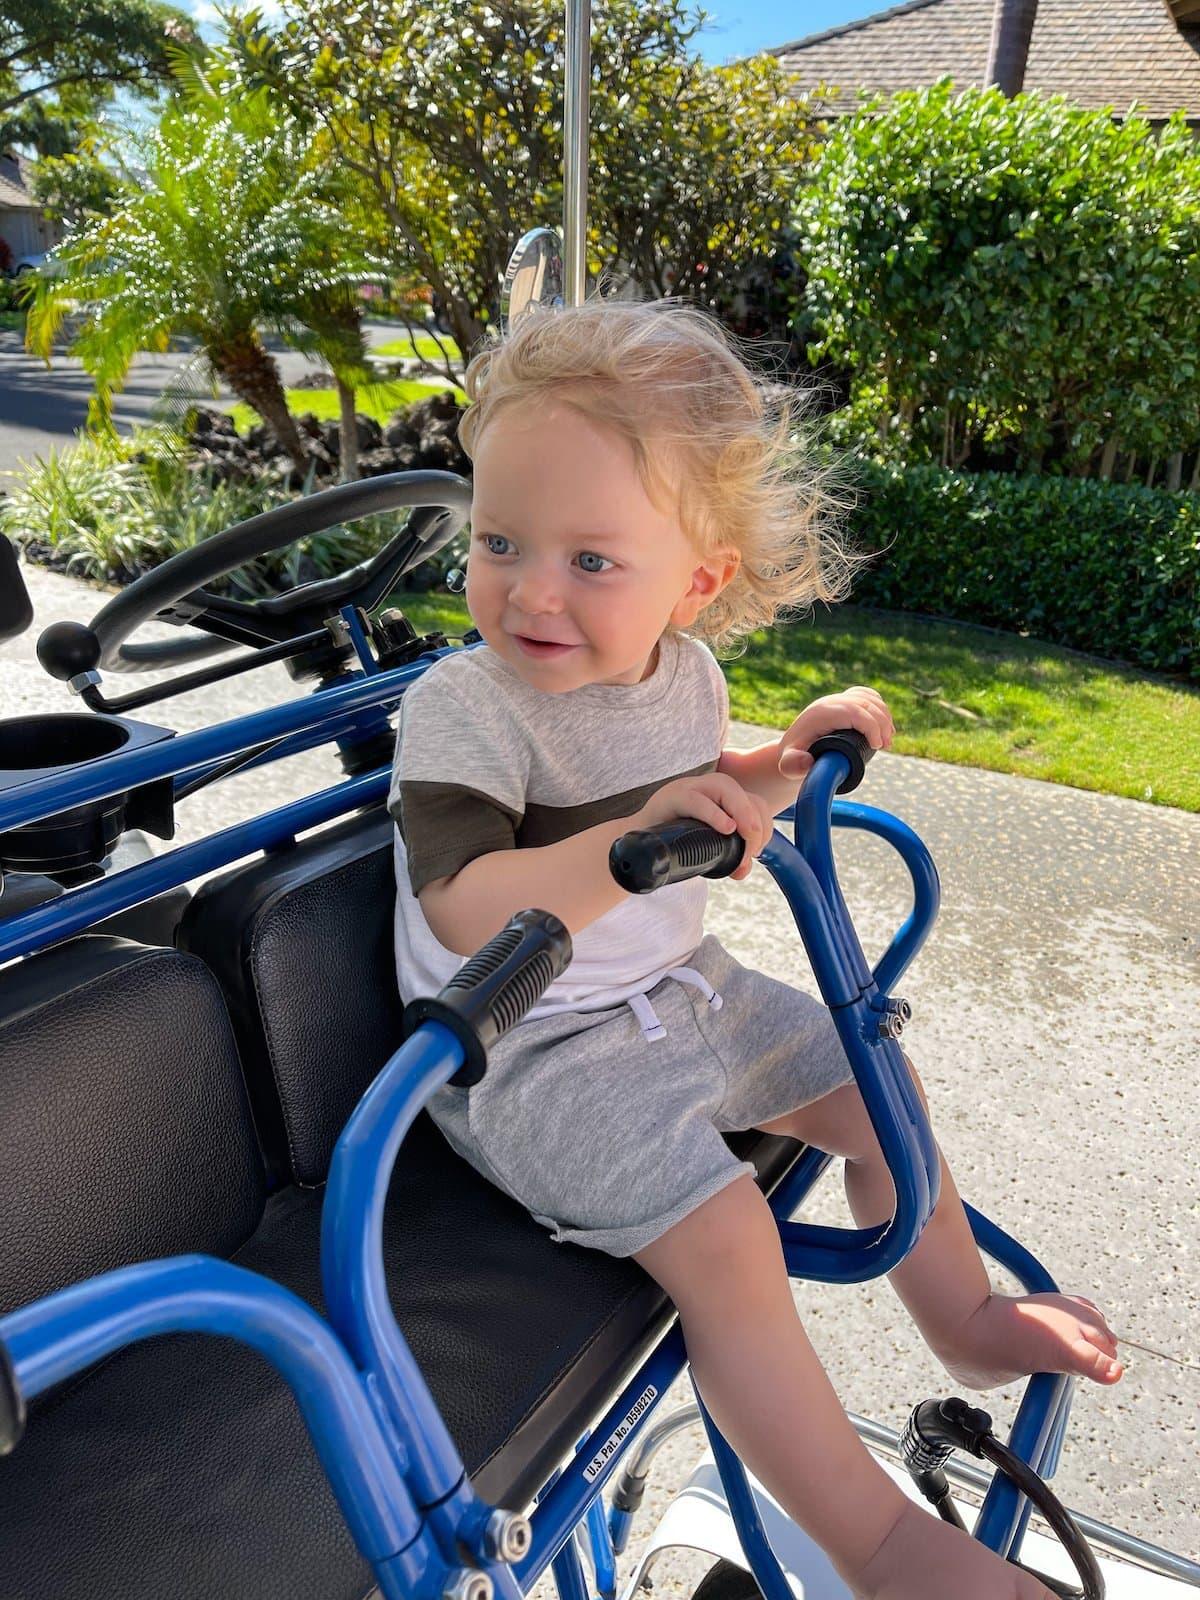 toddler on surrey bike